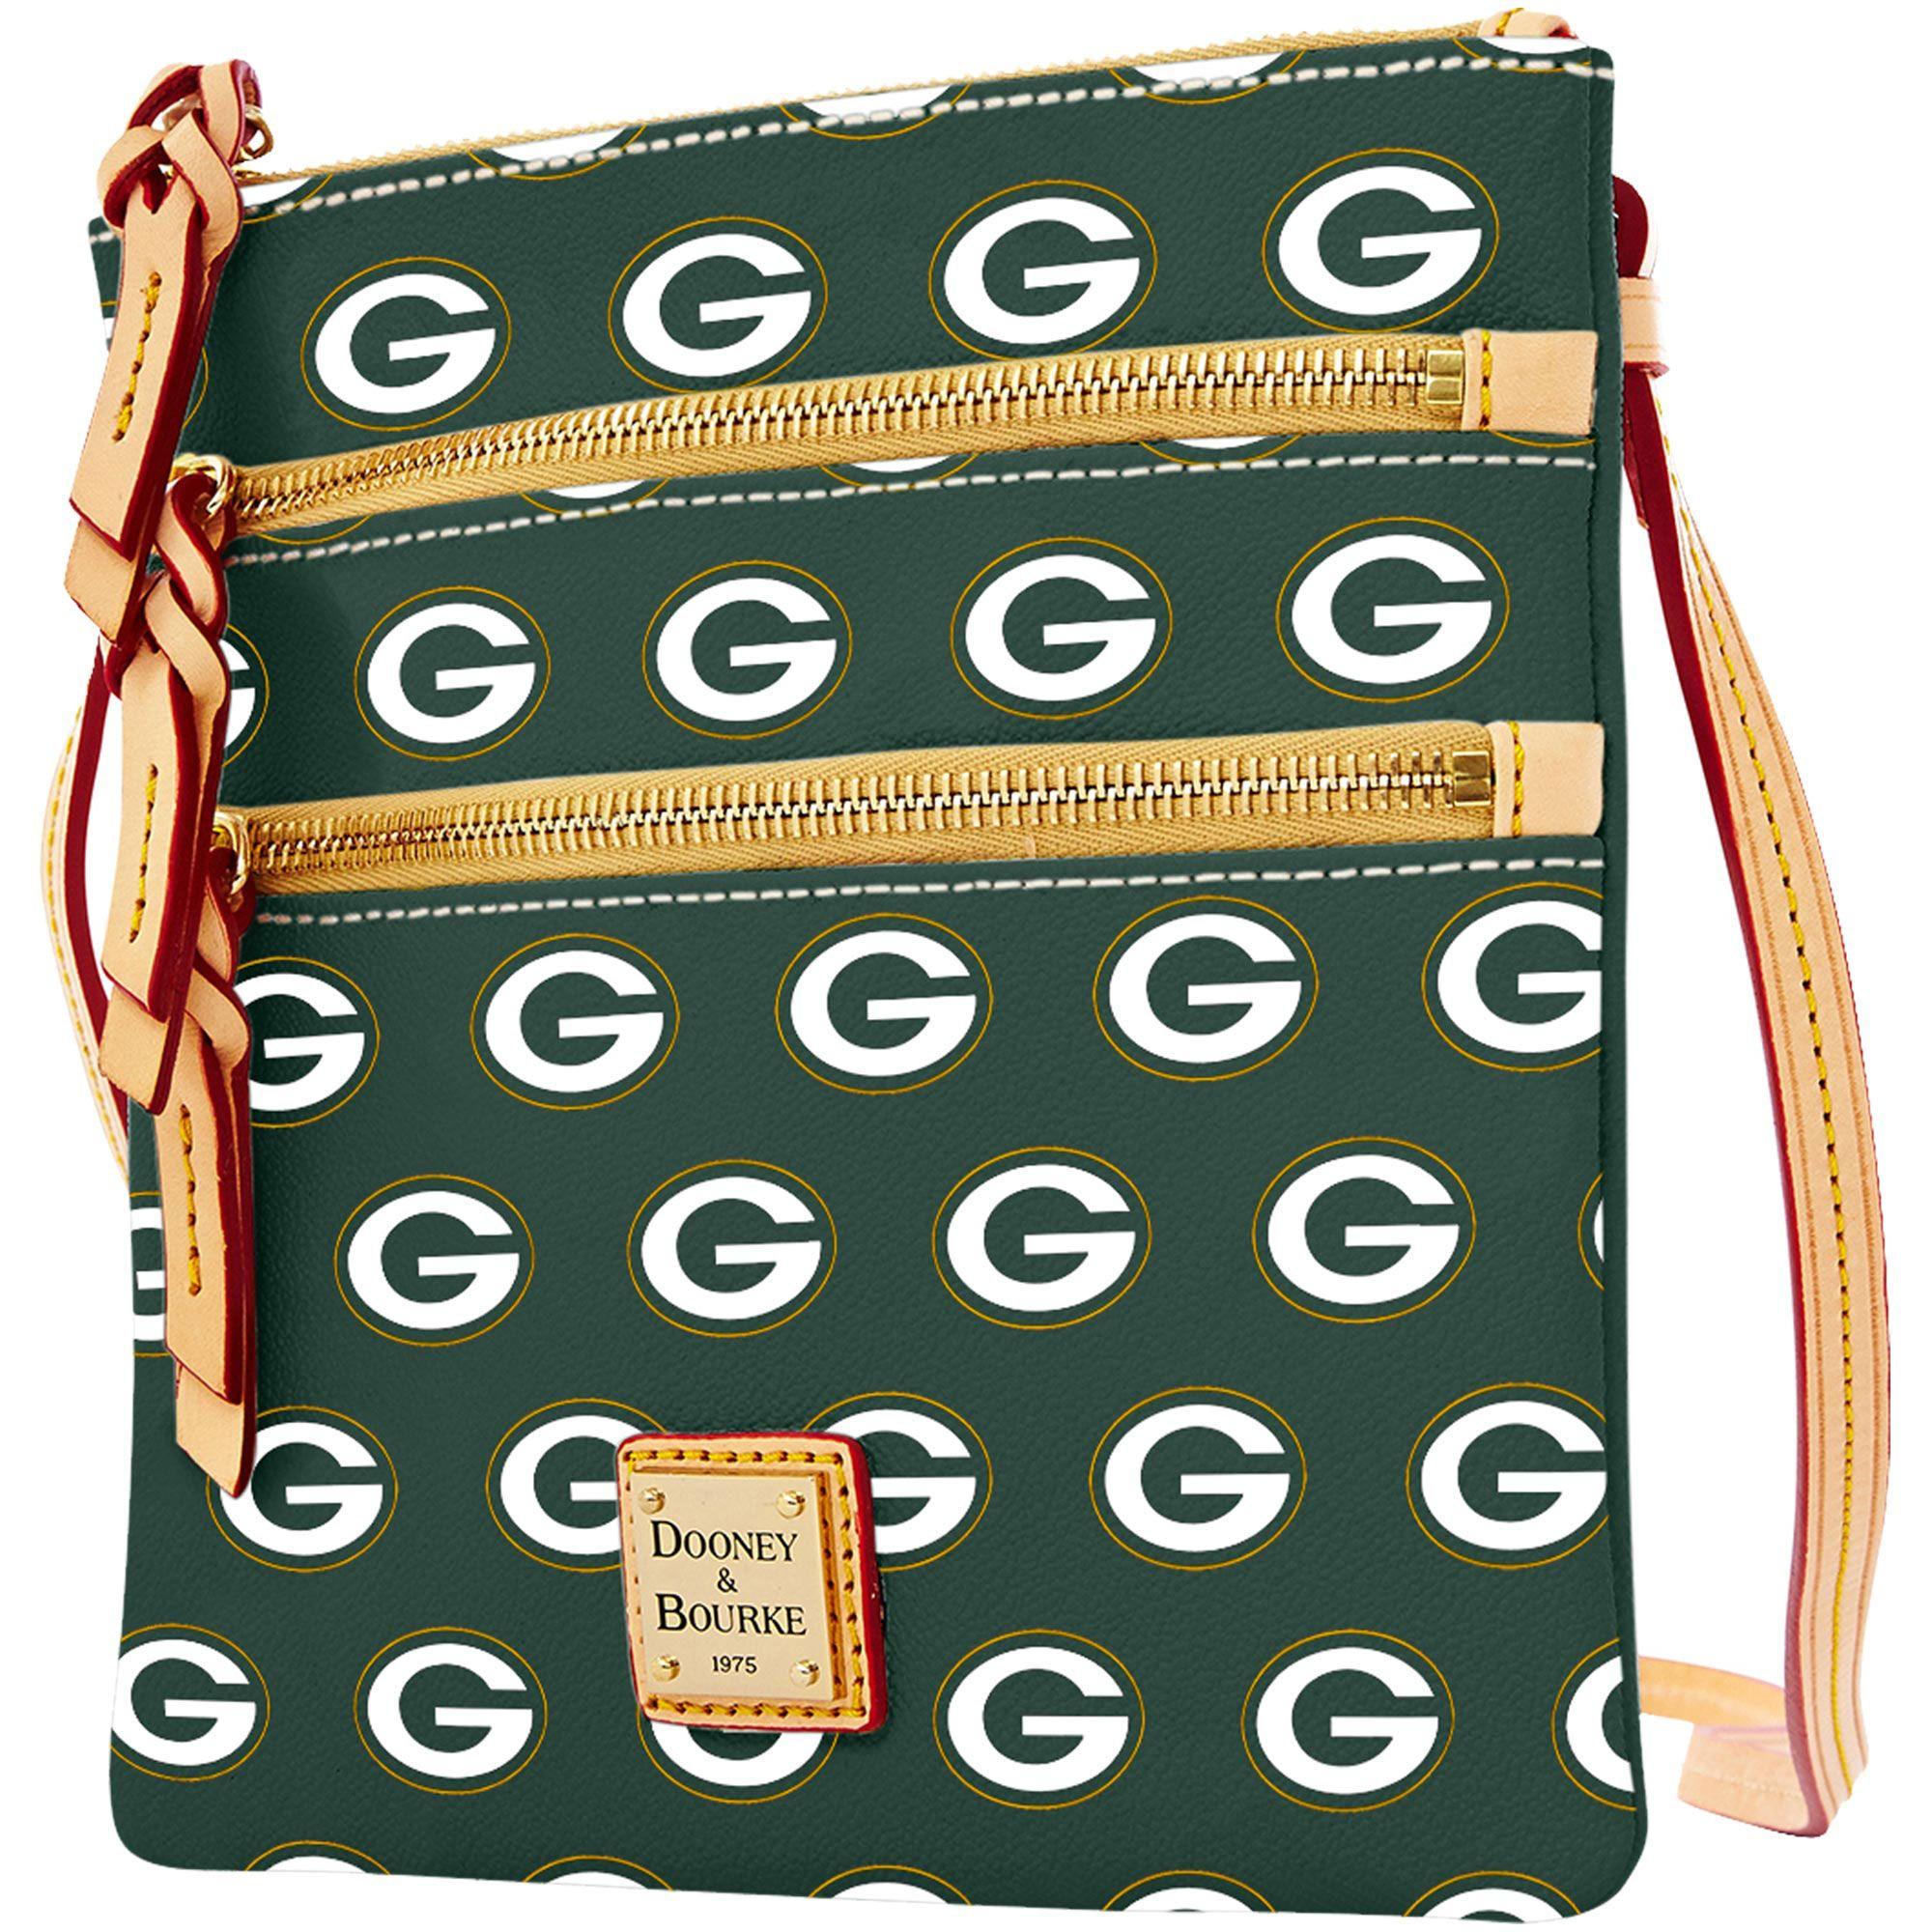 NFL Green Bay Packers Dooney   Bourke Women s Triple Zip Crossbody Purse -  Green 3361d17ec